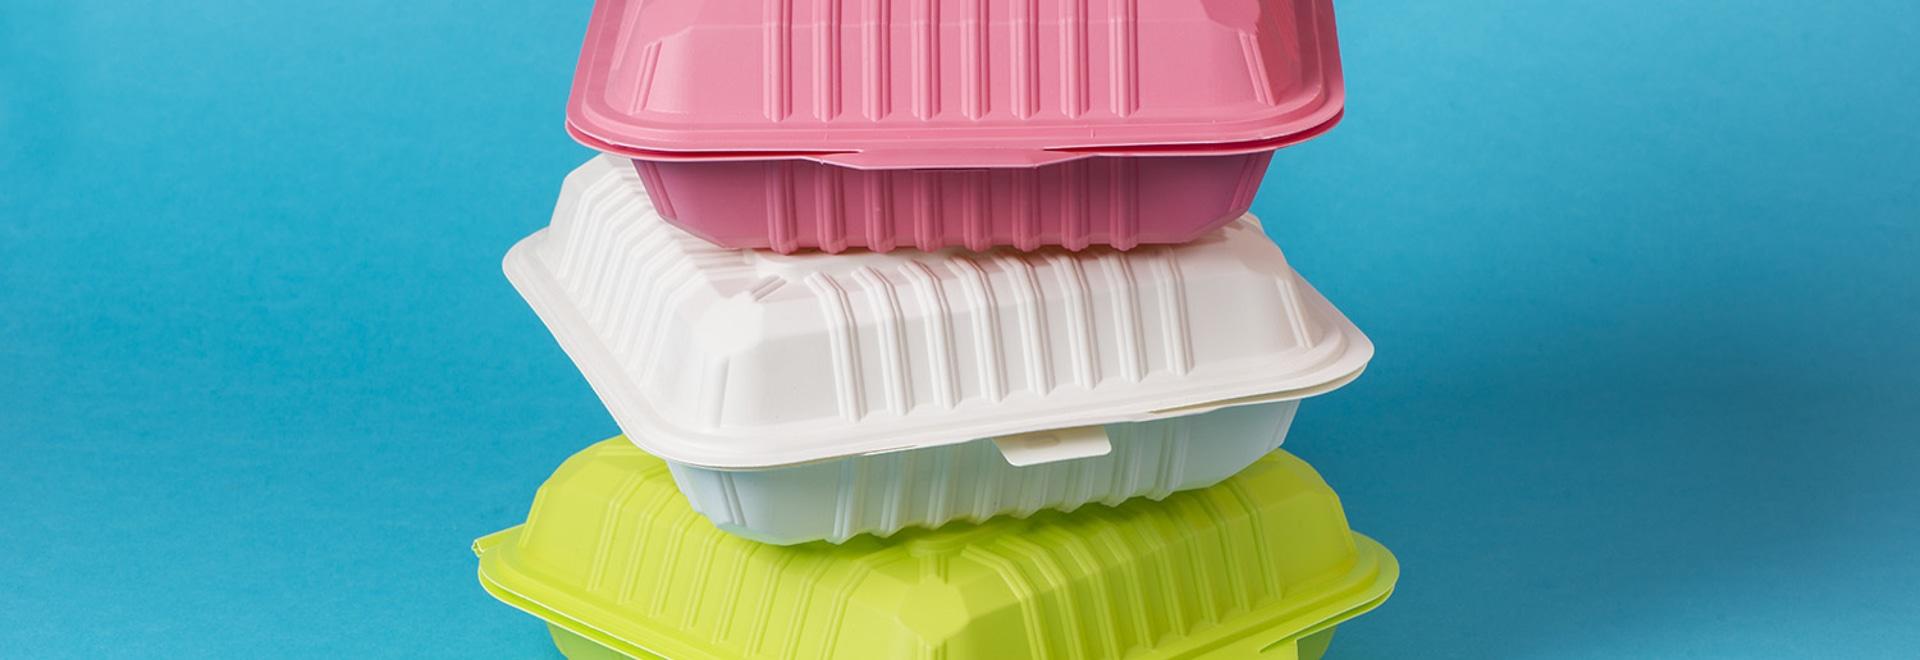 Nachhaltige Verpackung: Die Lebensmittelindustrie wird aktiv